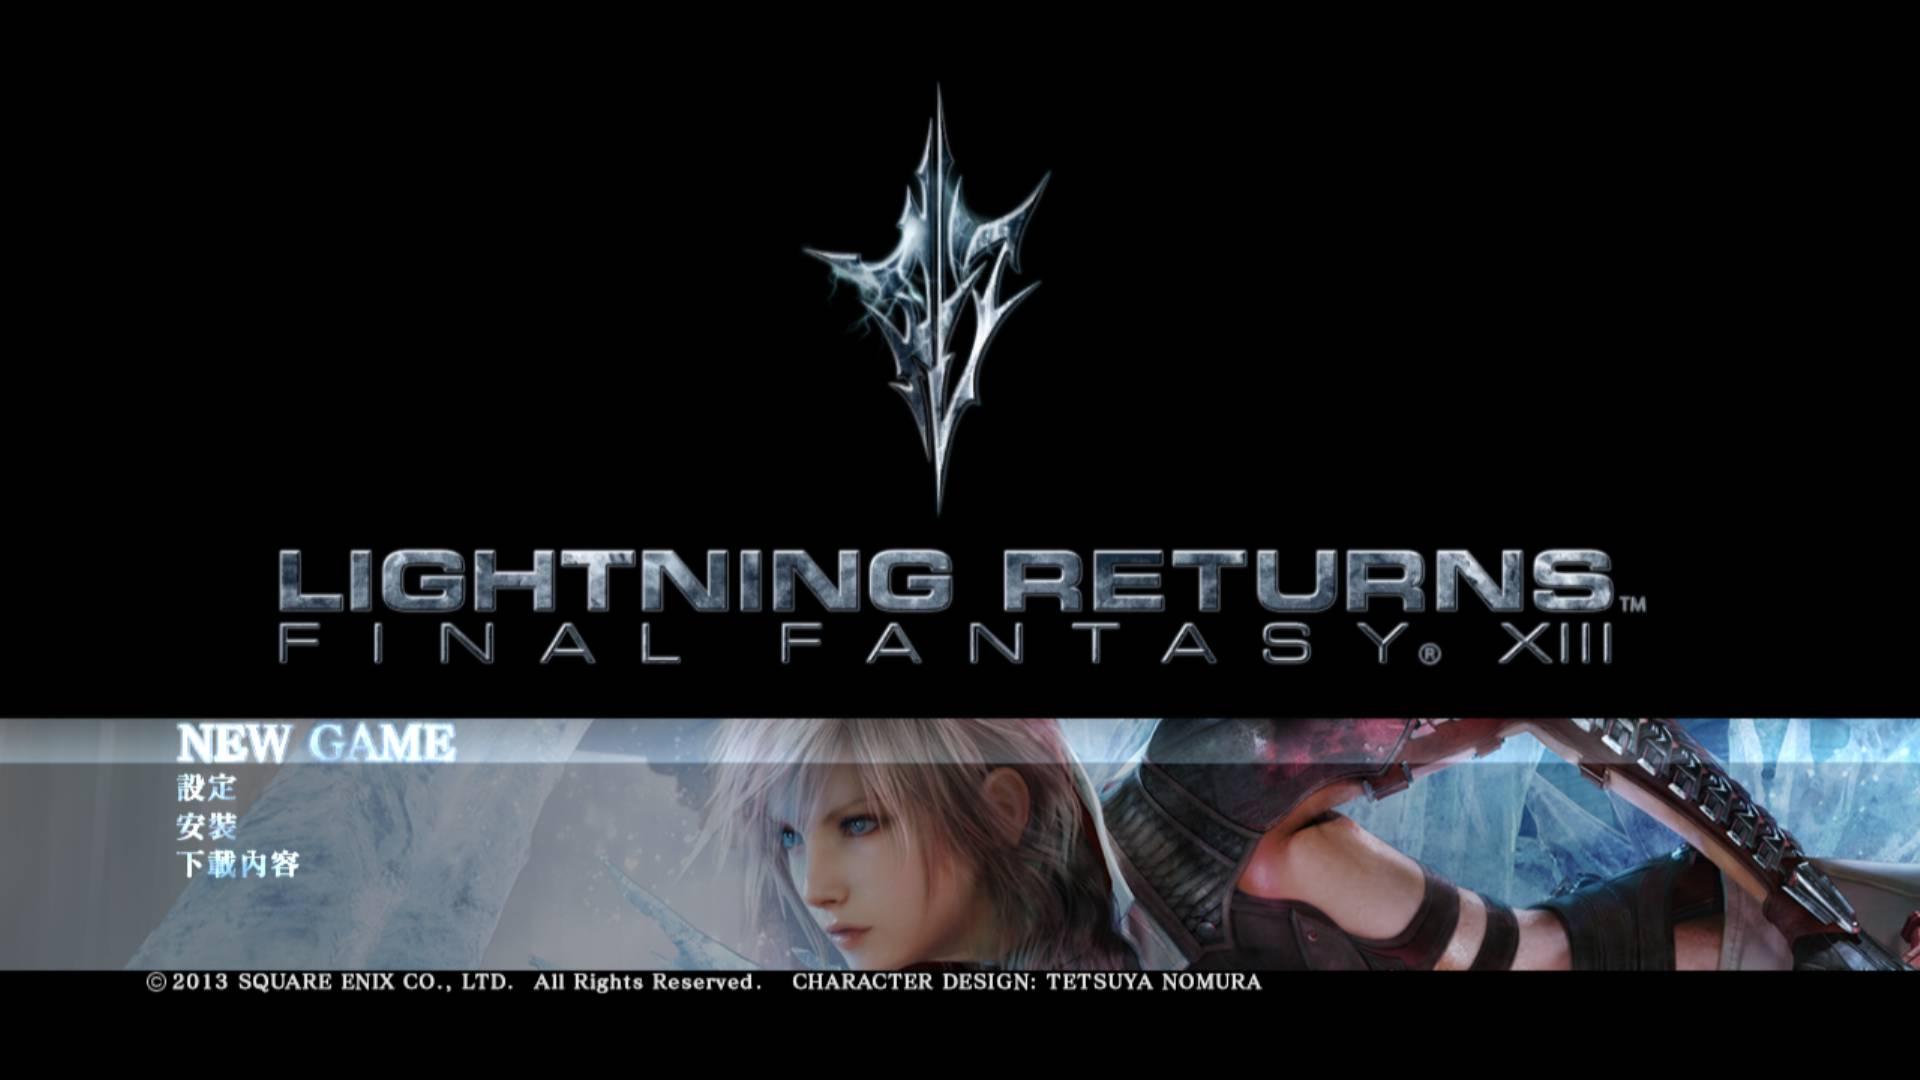 最终幻想13-3/LIGHTNING RETURNS: FINAL FANTASY XIII/最终幻想13:雷霆归来插图